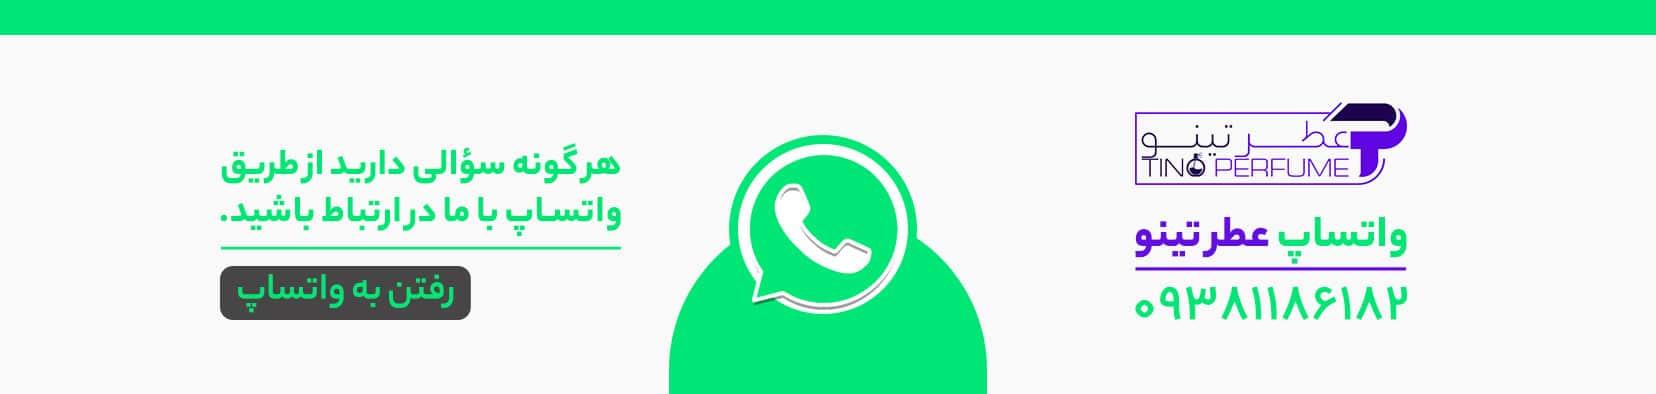 تماس از طریق واتساپ